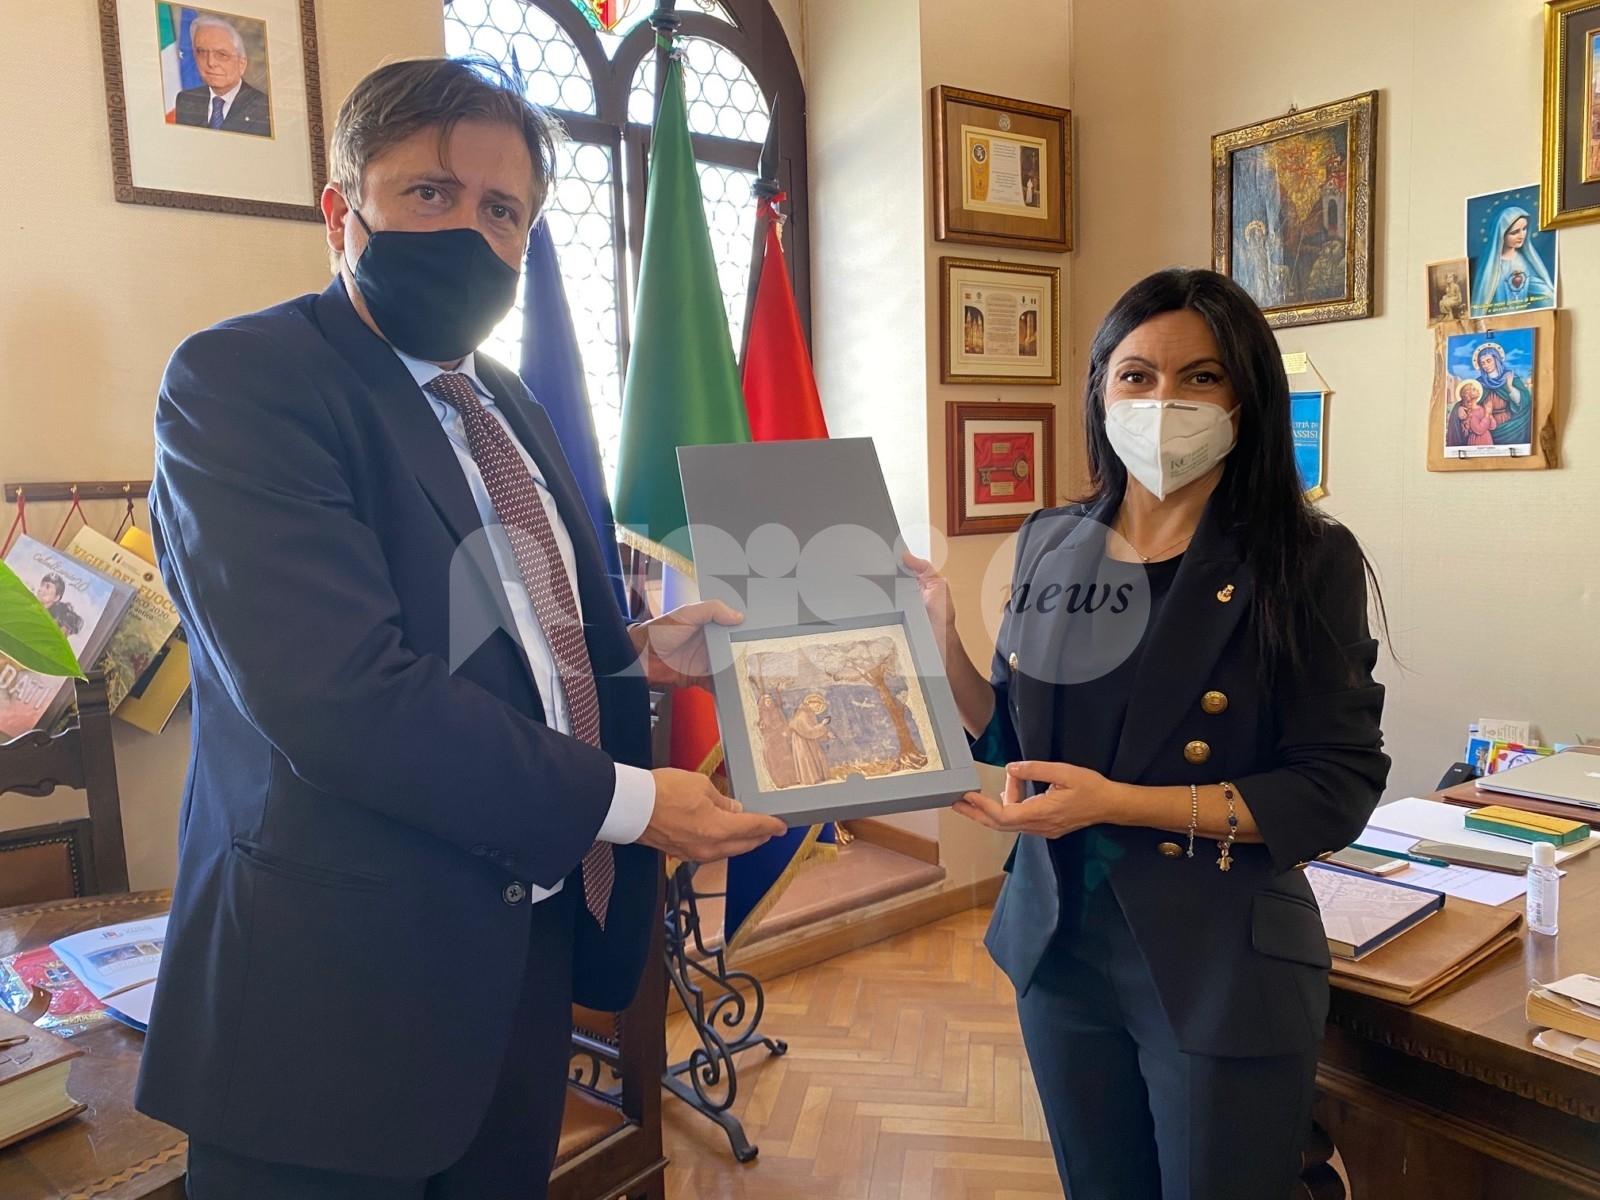 Il vice ministro Pierpaolo Sileri ad Assisi: ricevuto da sindaco e assessore